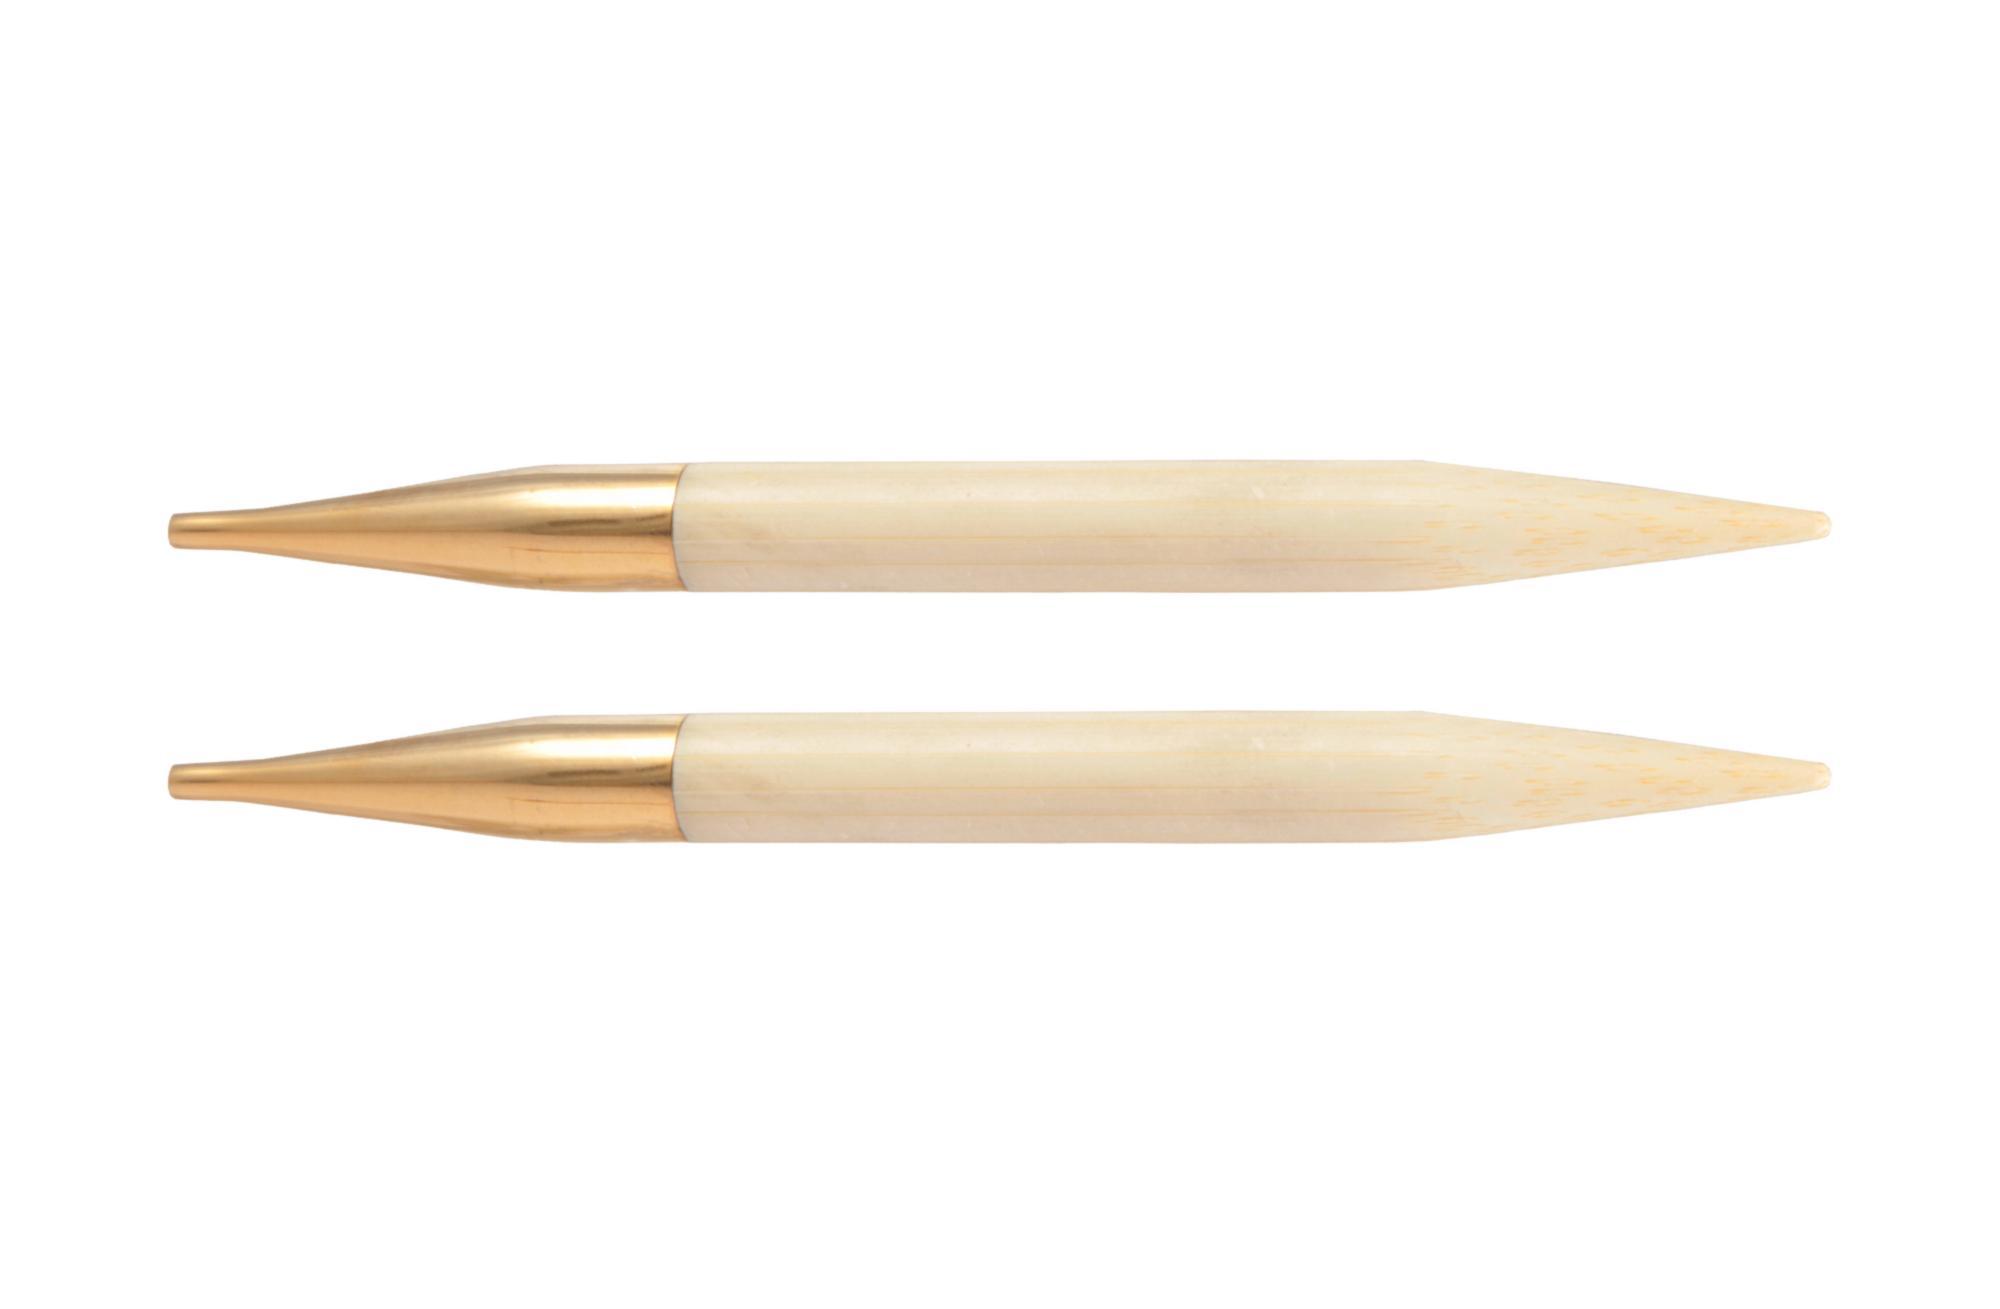 Спицы съёмные Bamboo KnitPro, 22410, 8.00 мм